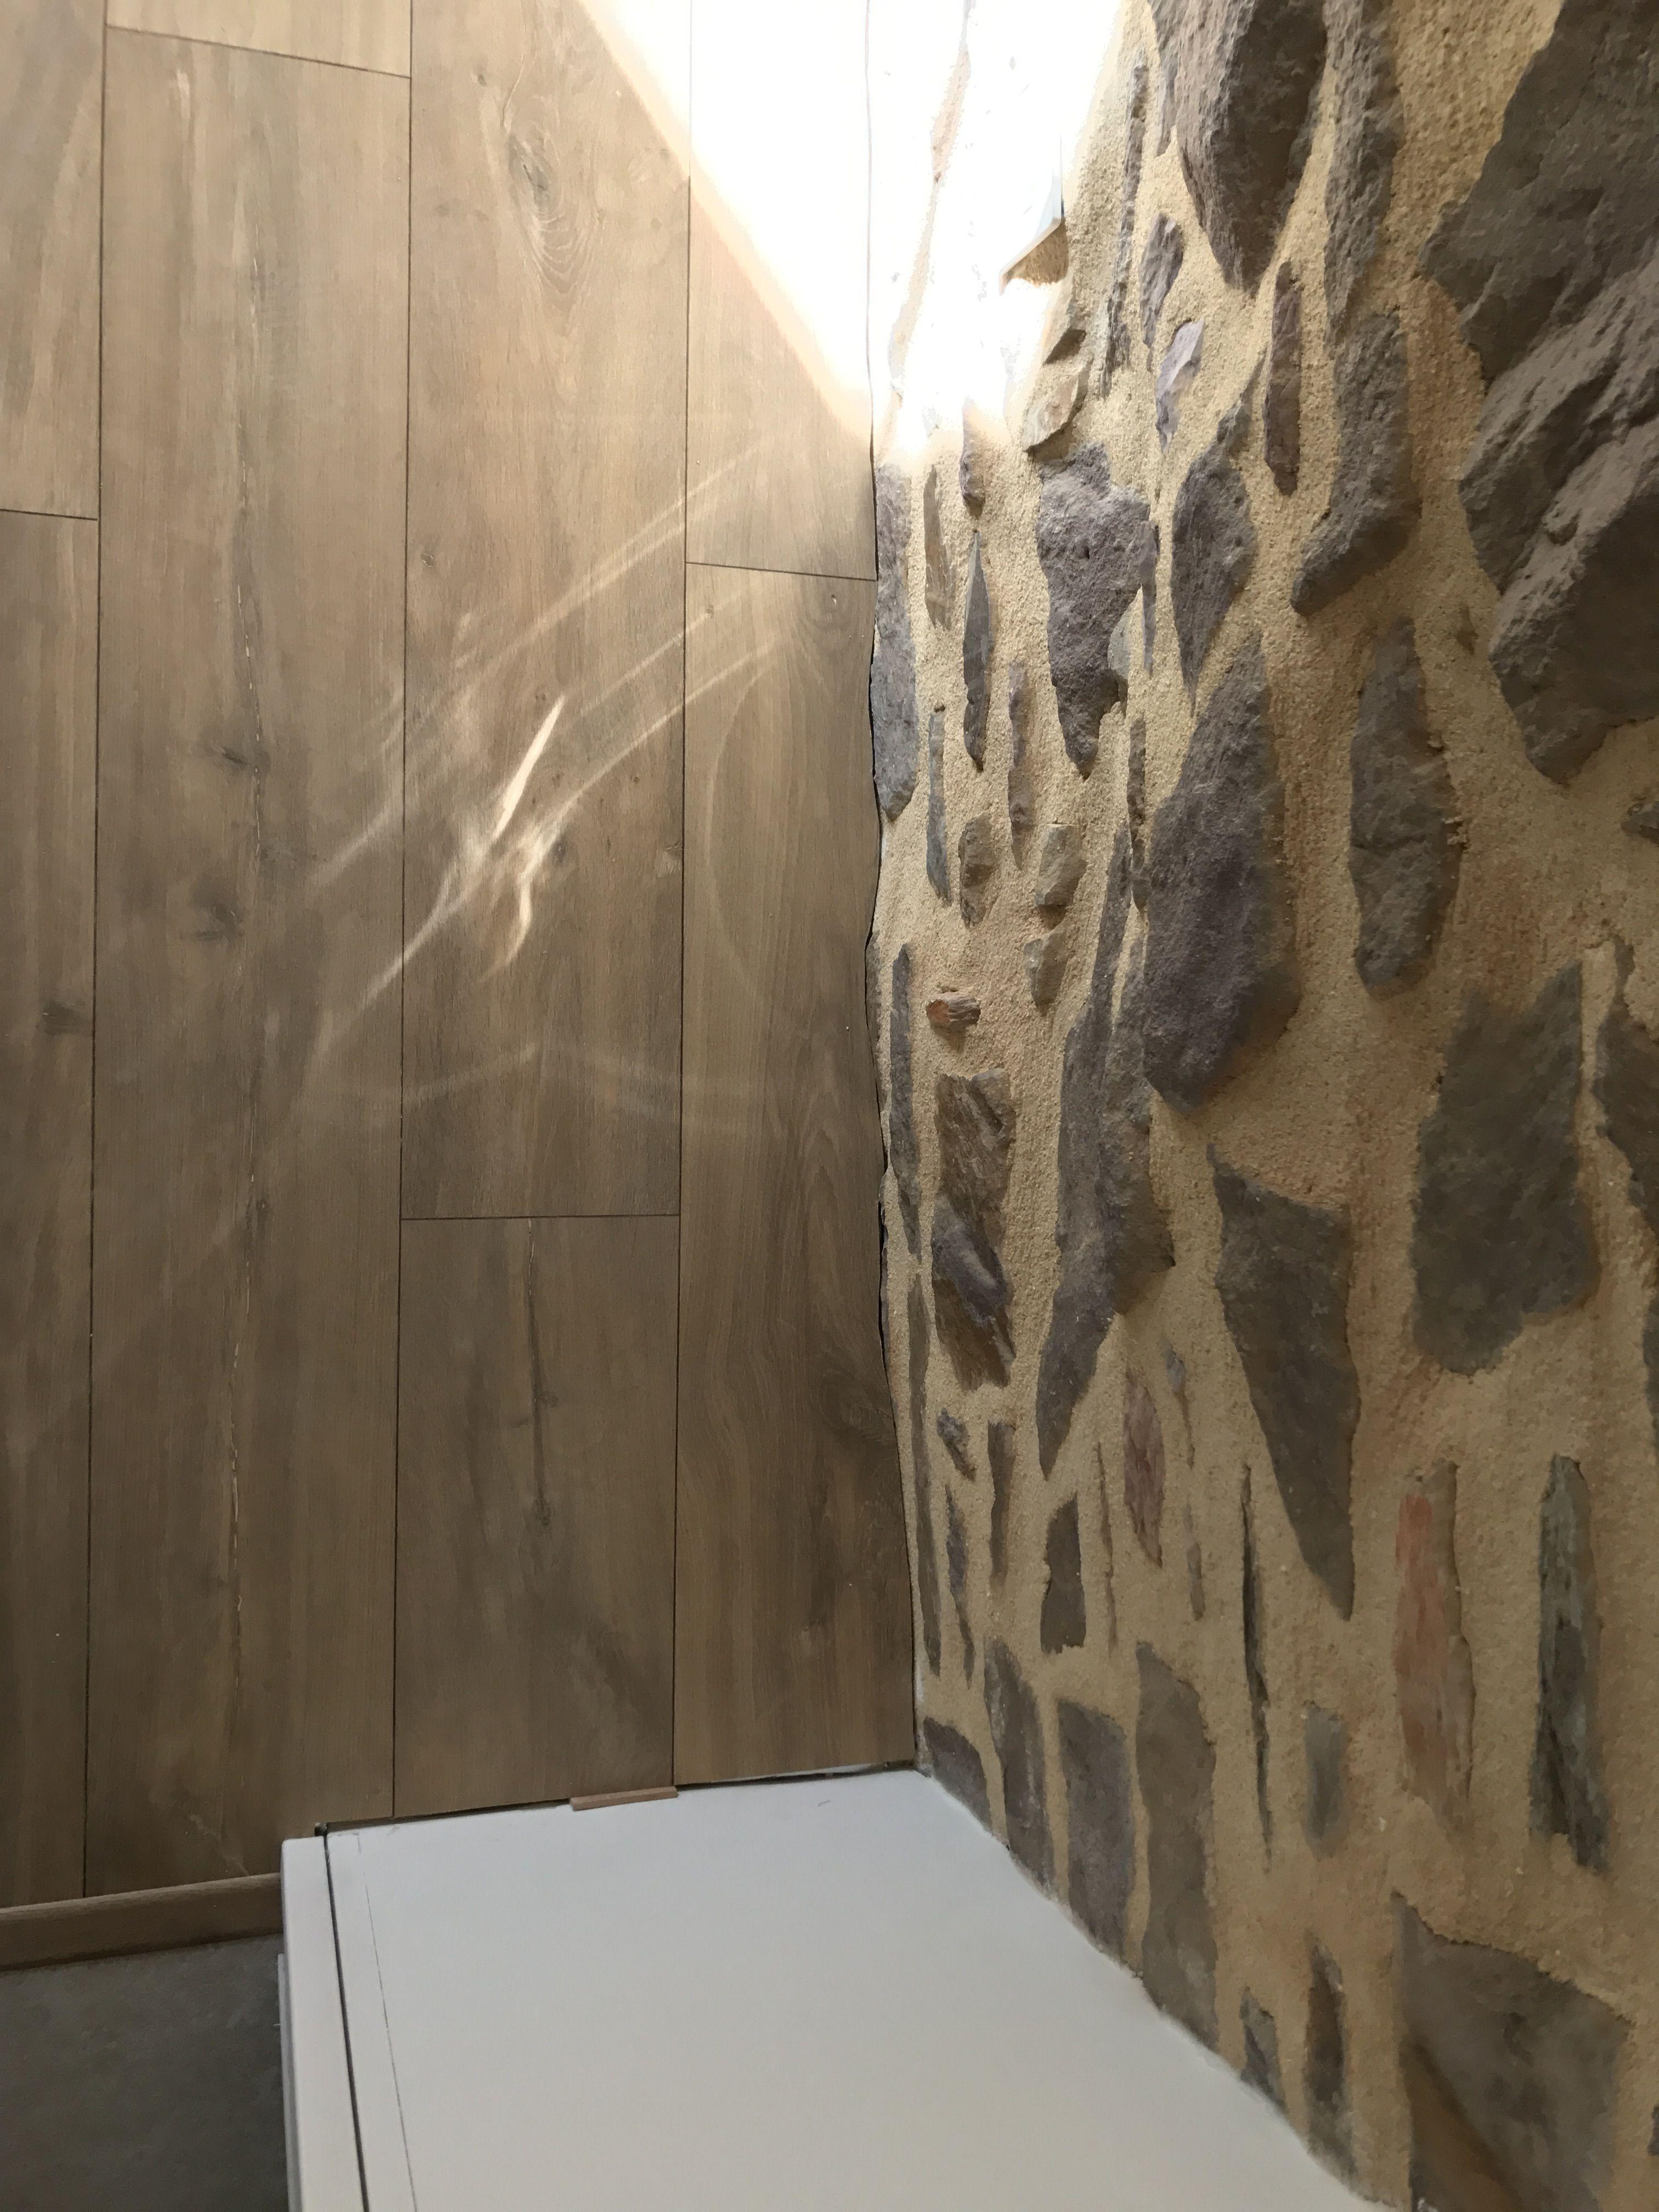 vente de rev tement de sol stratifi quick step classic clm1487 minuit ch ne naturel dans la. Black Bedroom Furniture Sets. Home Design Ideas